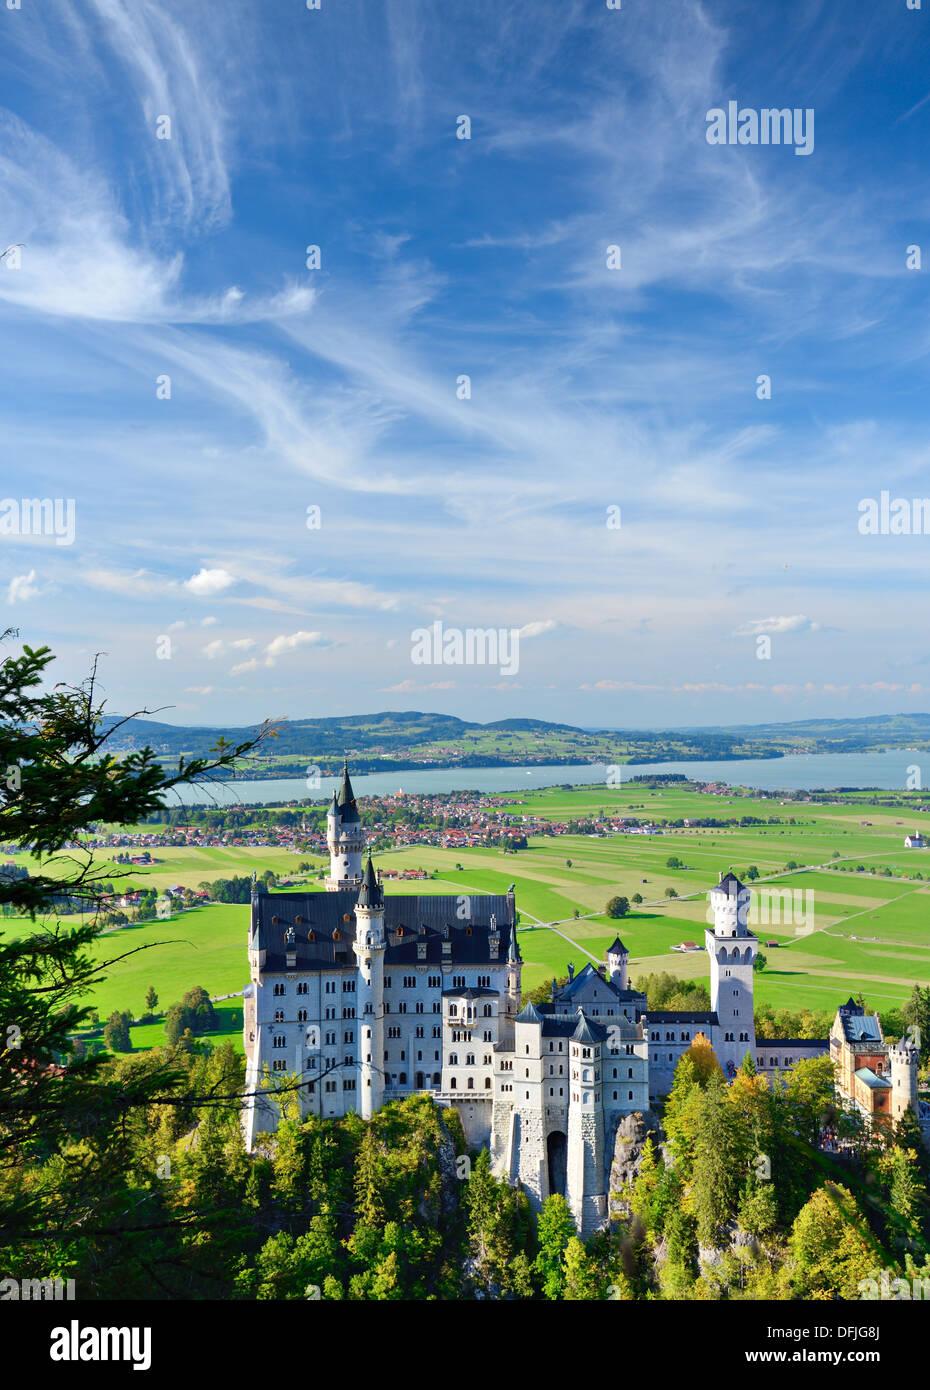 Le château de Neuschwanstein, dans les Alpes bavaroises de l'Allemagne. Photo Stock